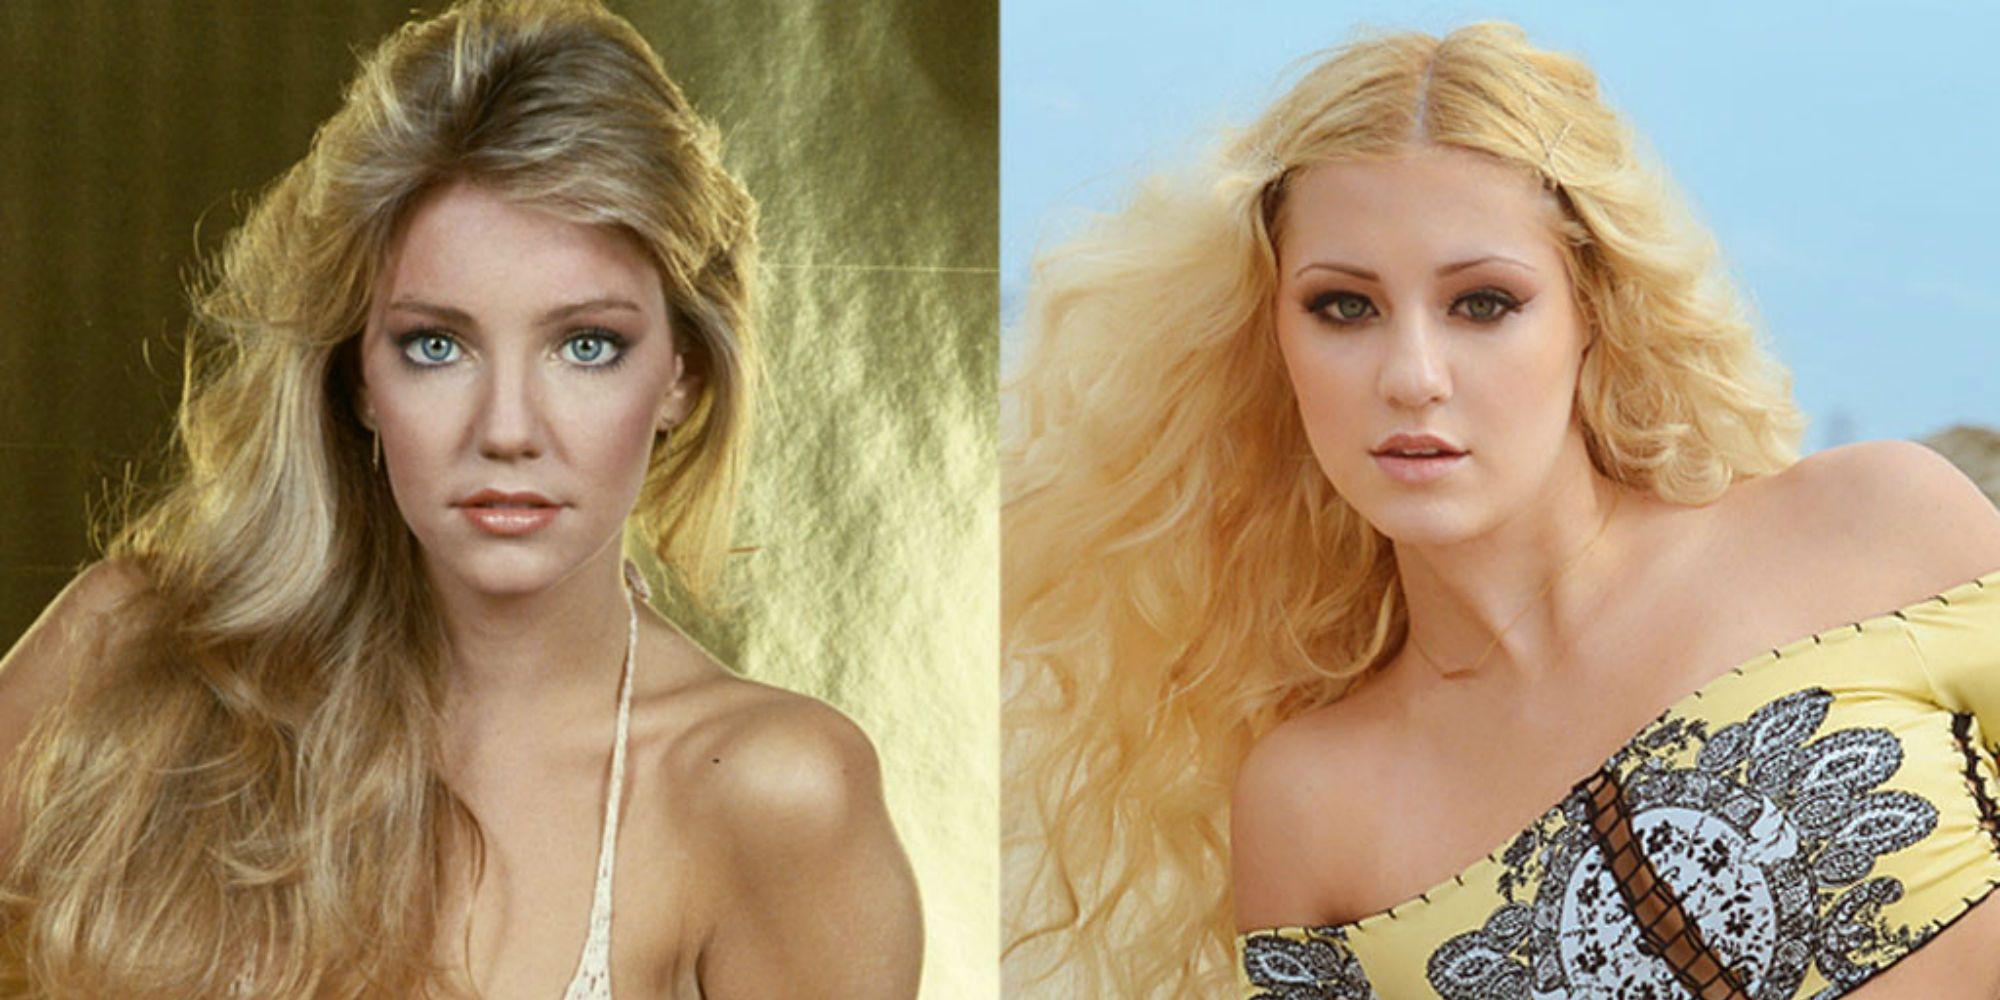 <p>Ve la ricordate in <em>Melrose Place</em>? Sua figlia ha 18 anni e fa la modella.</p>